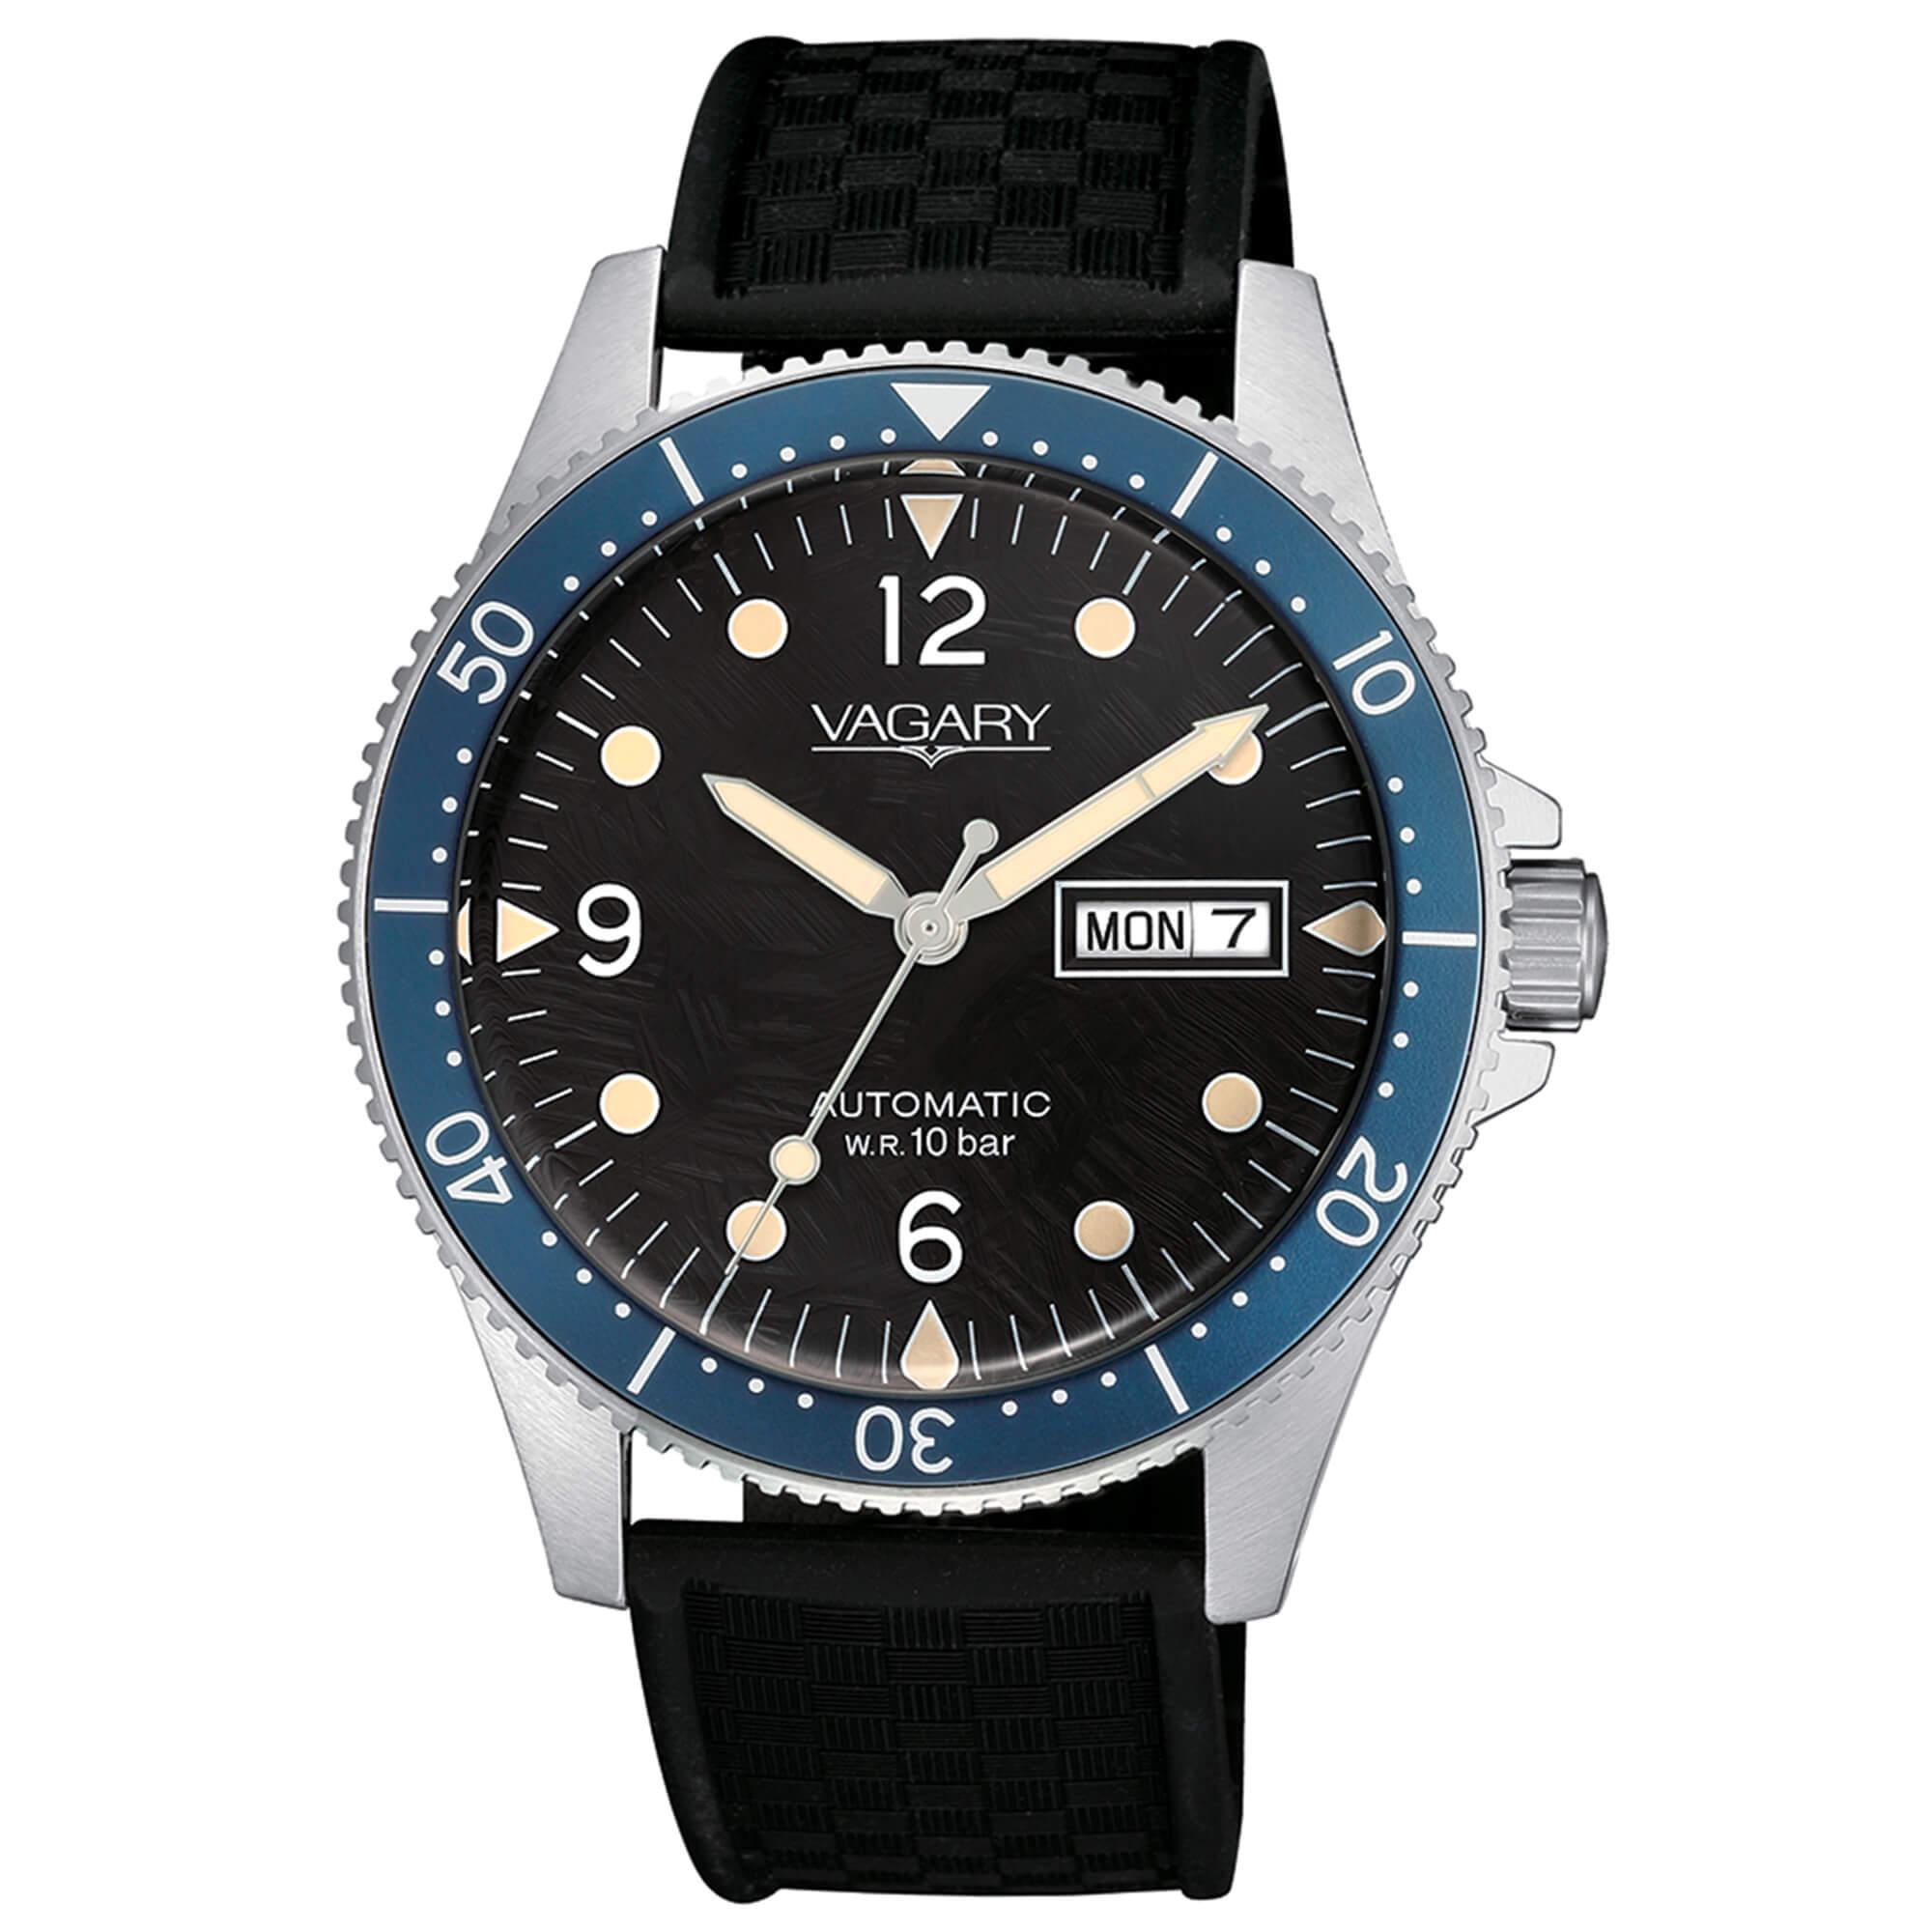 Vagary G Matic Diver IX3-319-52